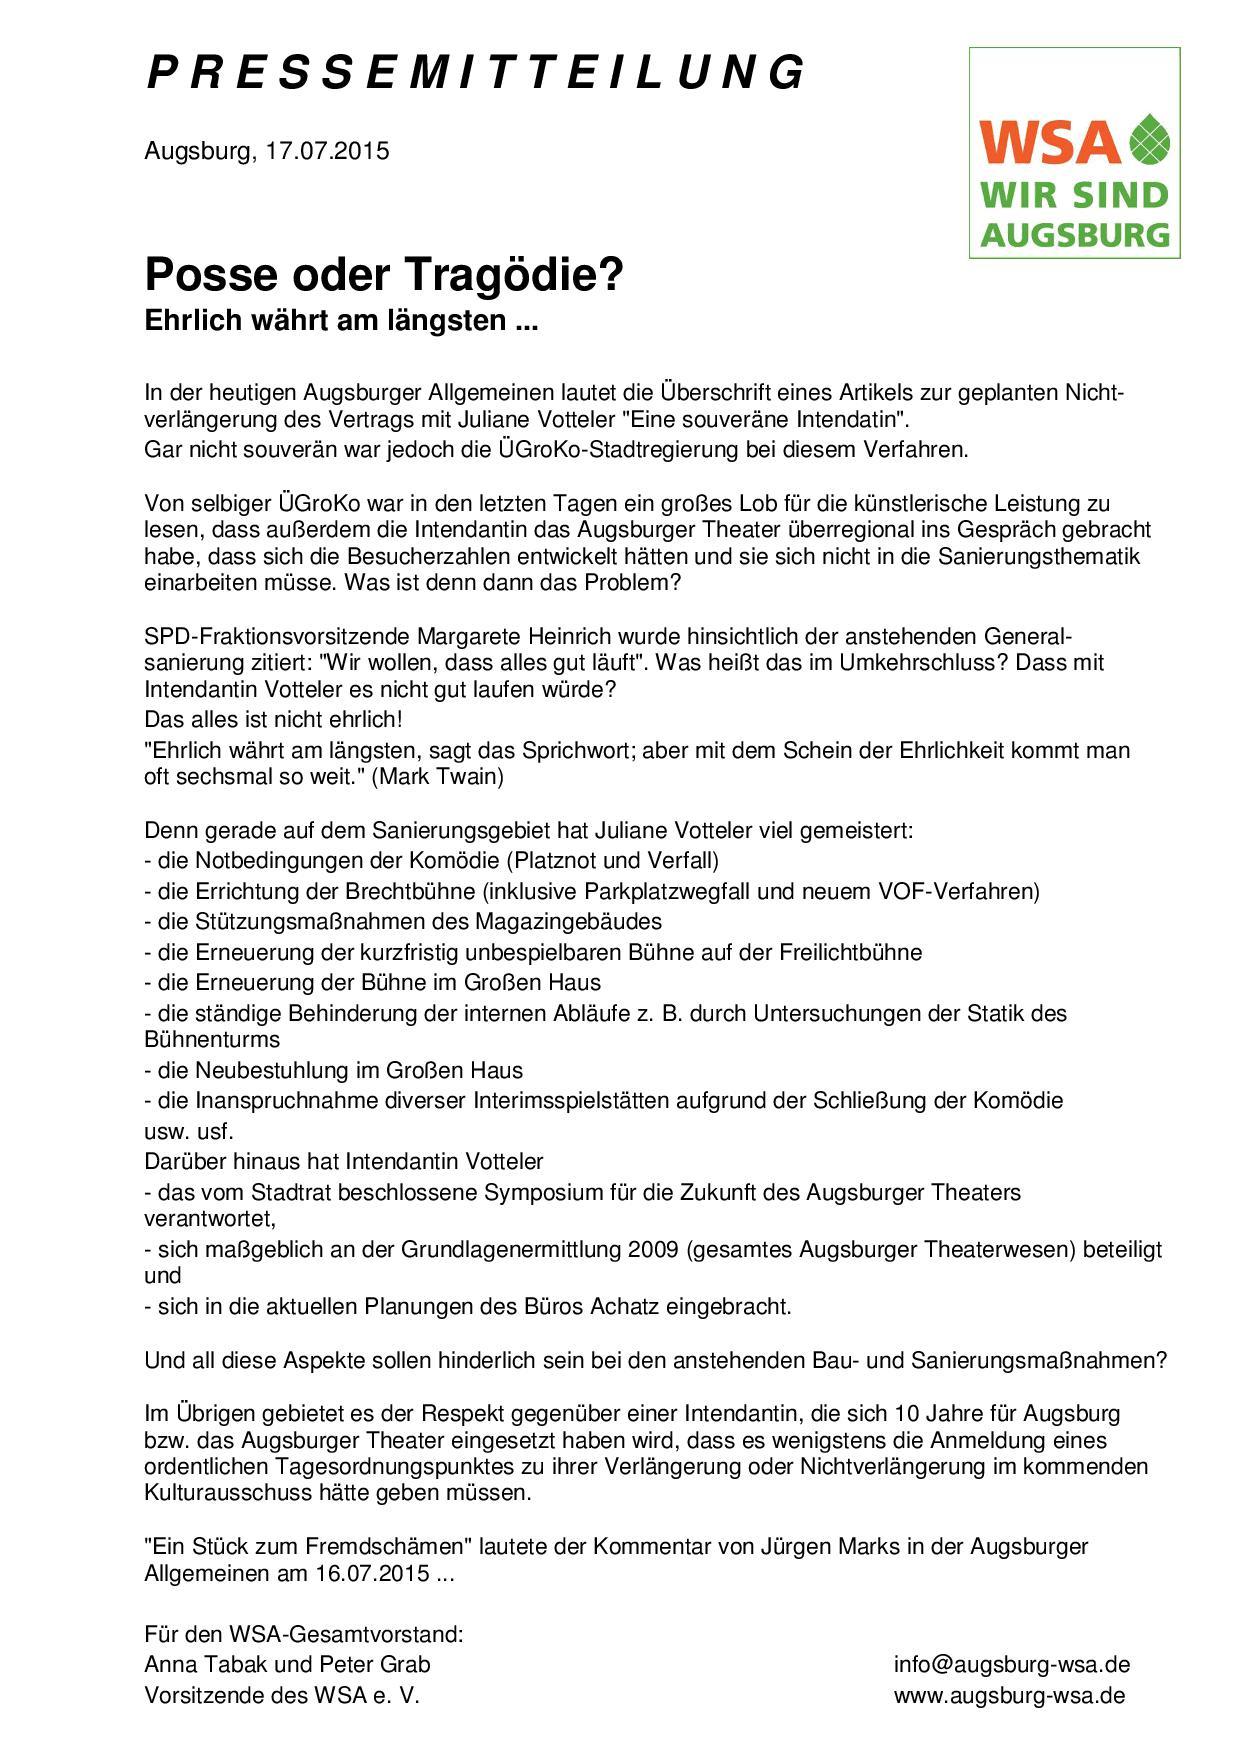 WSA-Pressemitteilung vom 17.07.2015 zur Nichtverlängerung des Intendantin-Vertrags-001